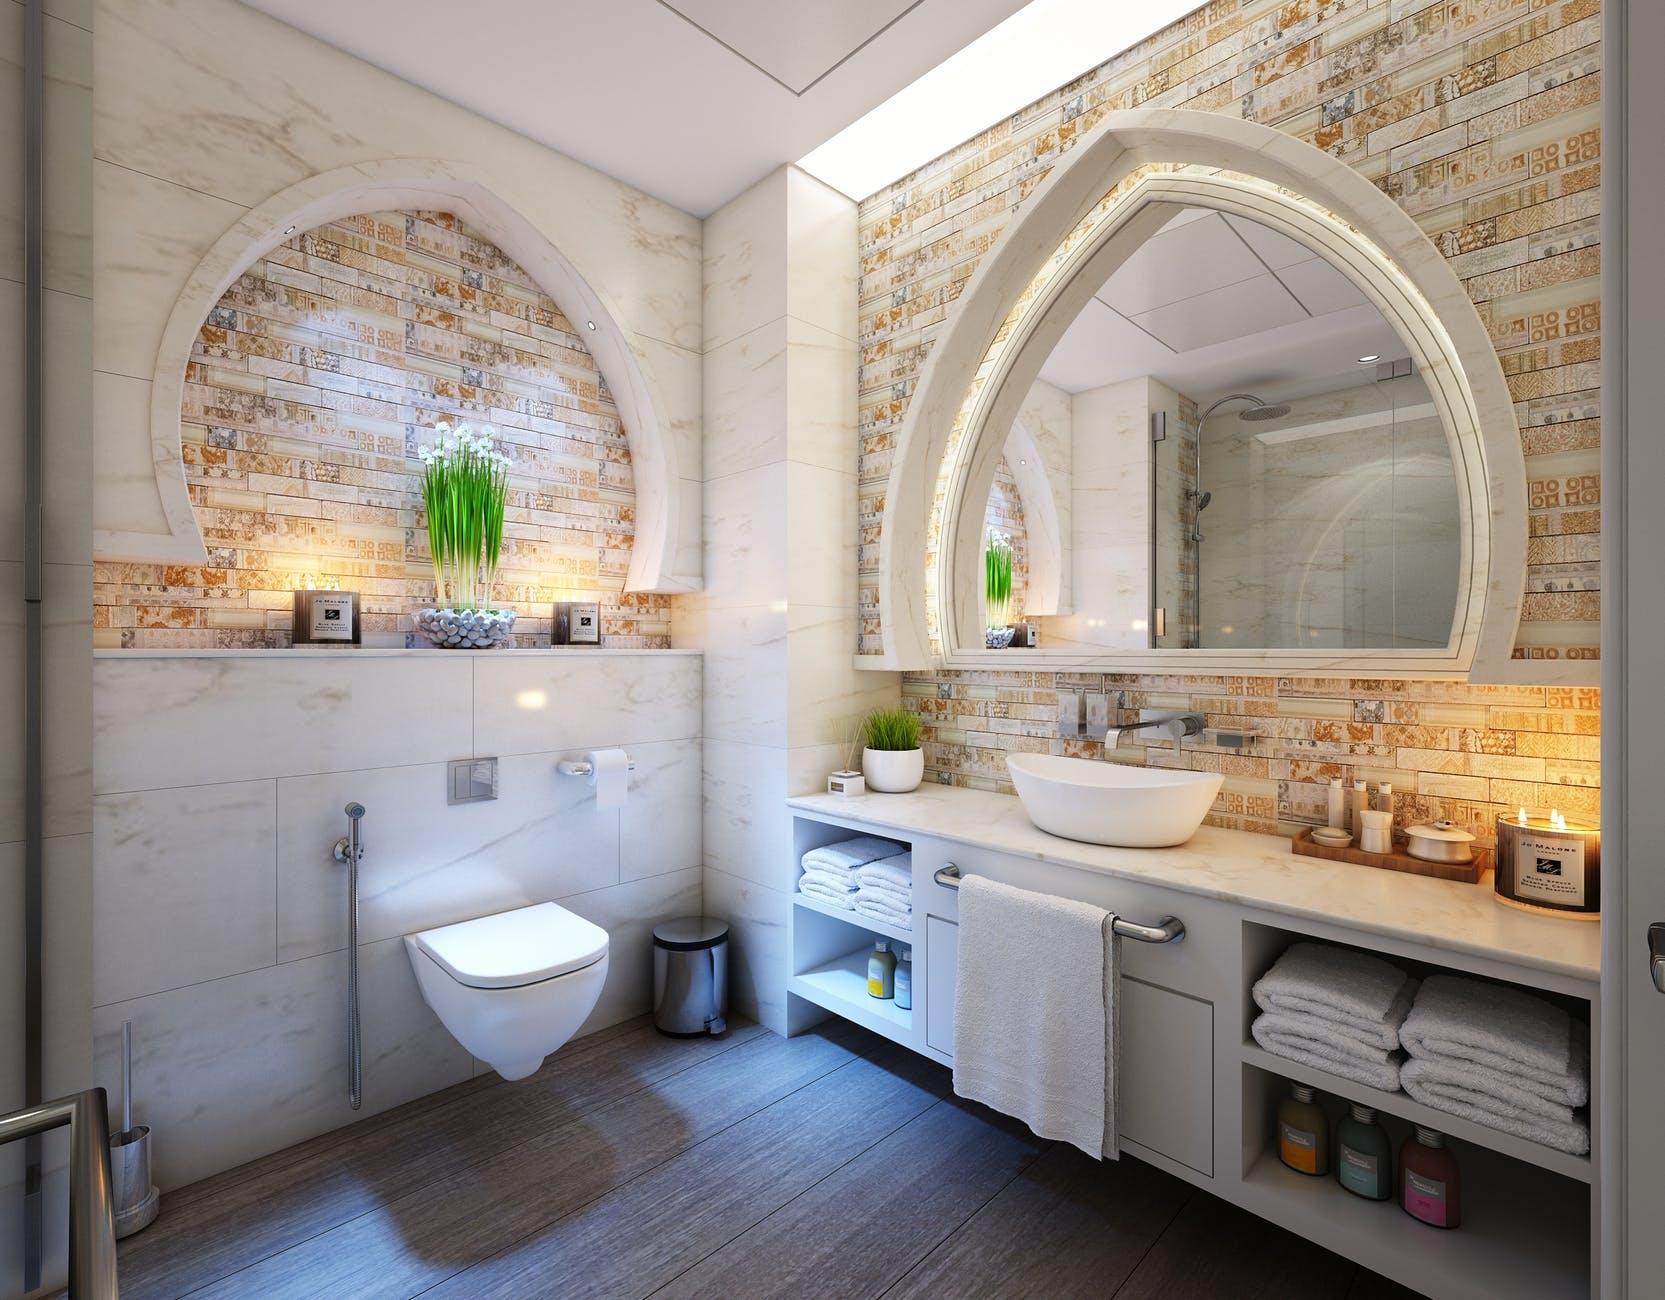 Badkamer en toilet - Aanbouwuitbouw.nl